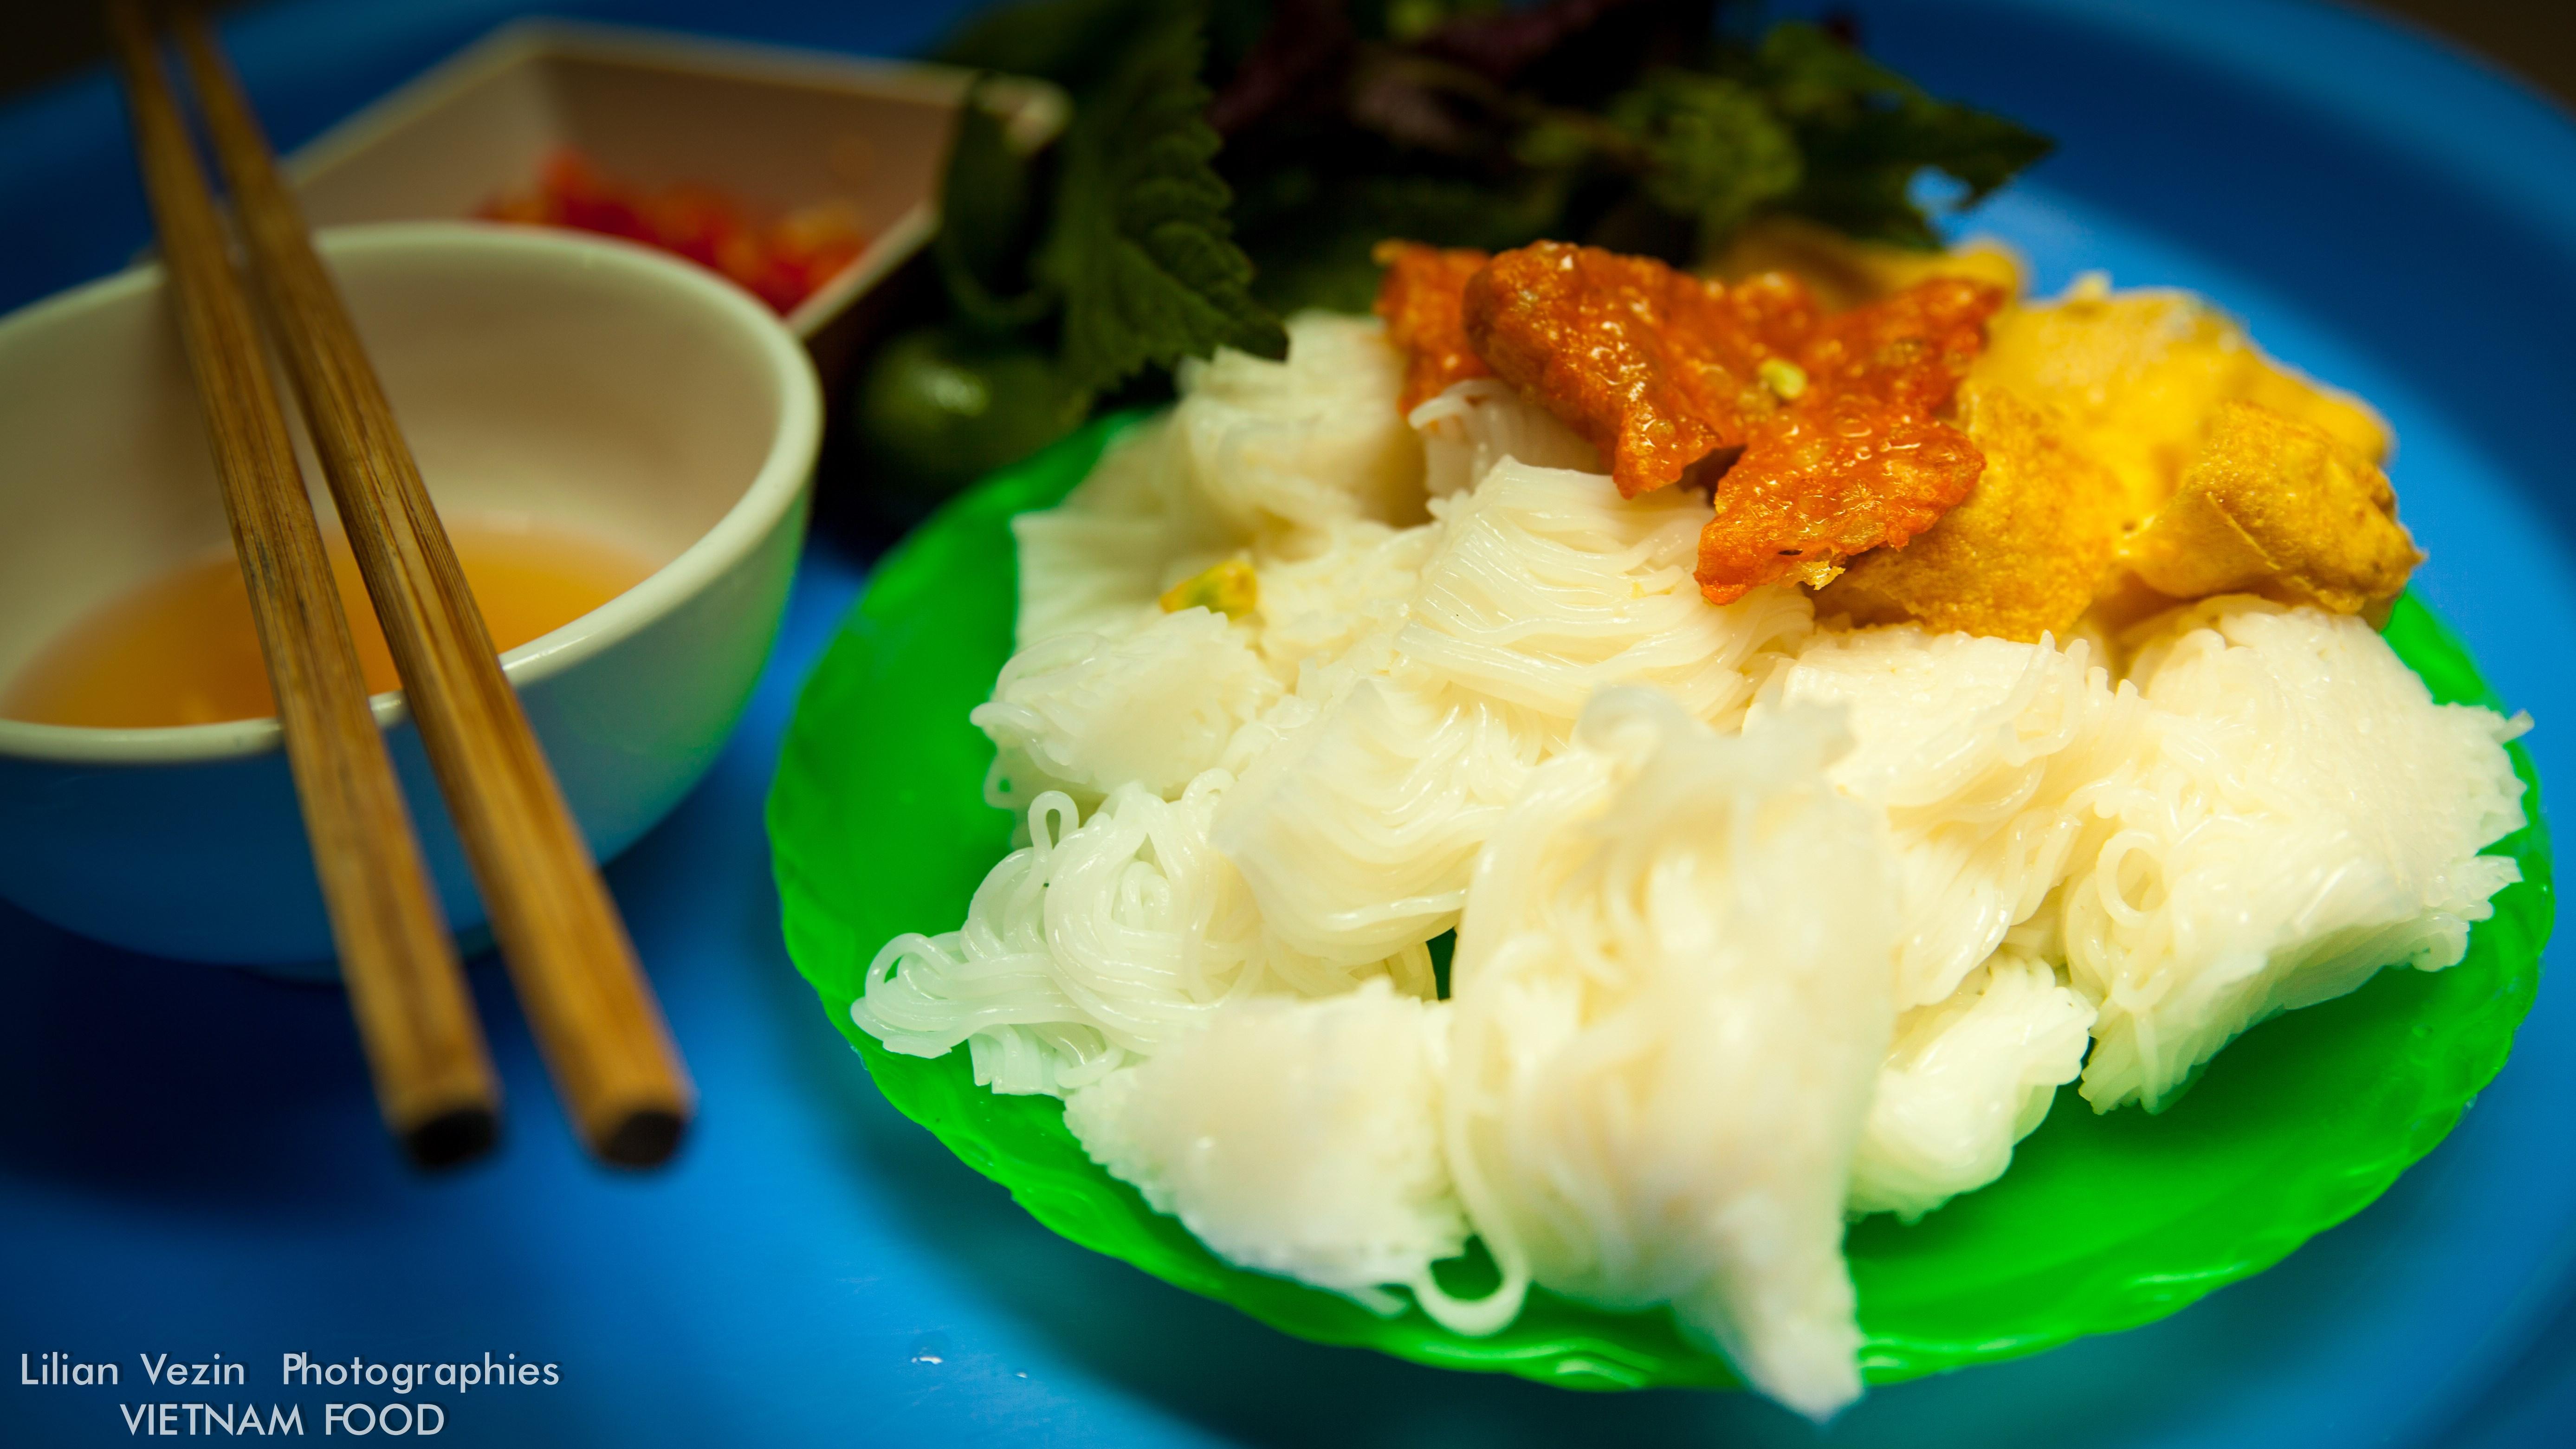 Vietnam food  (45)_GF.jpg